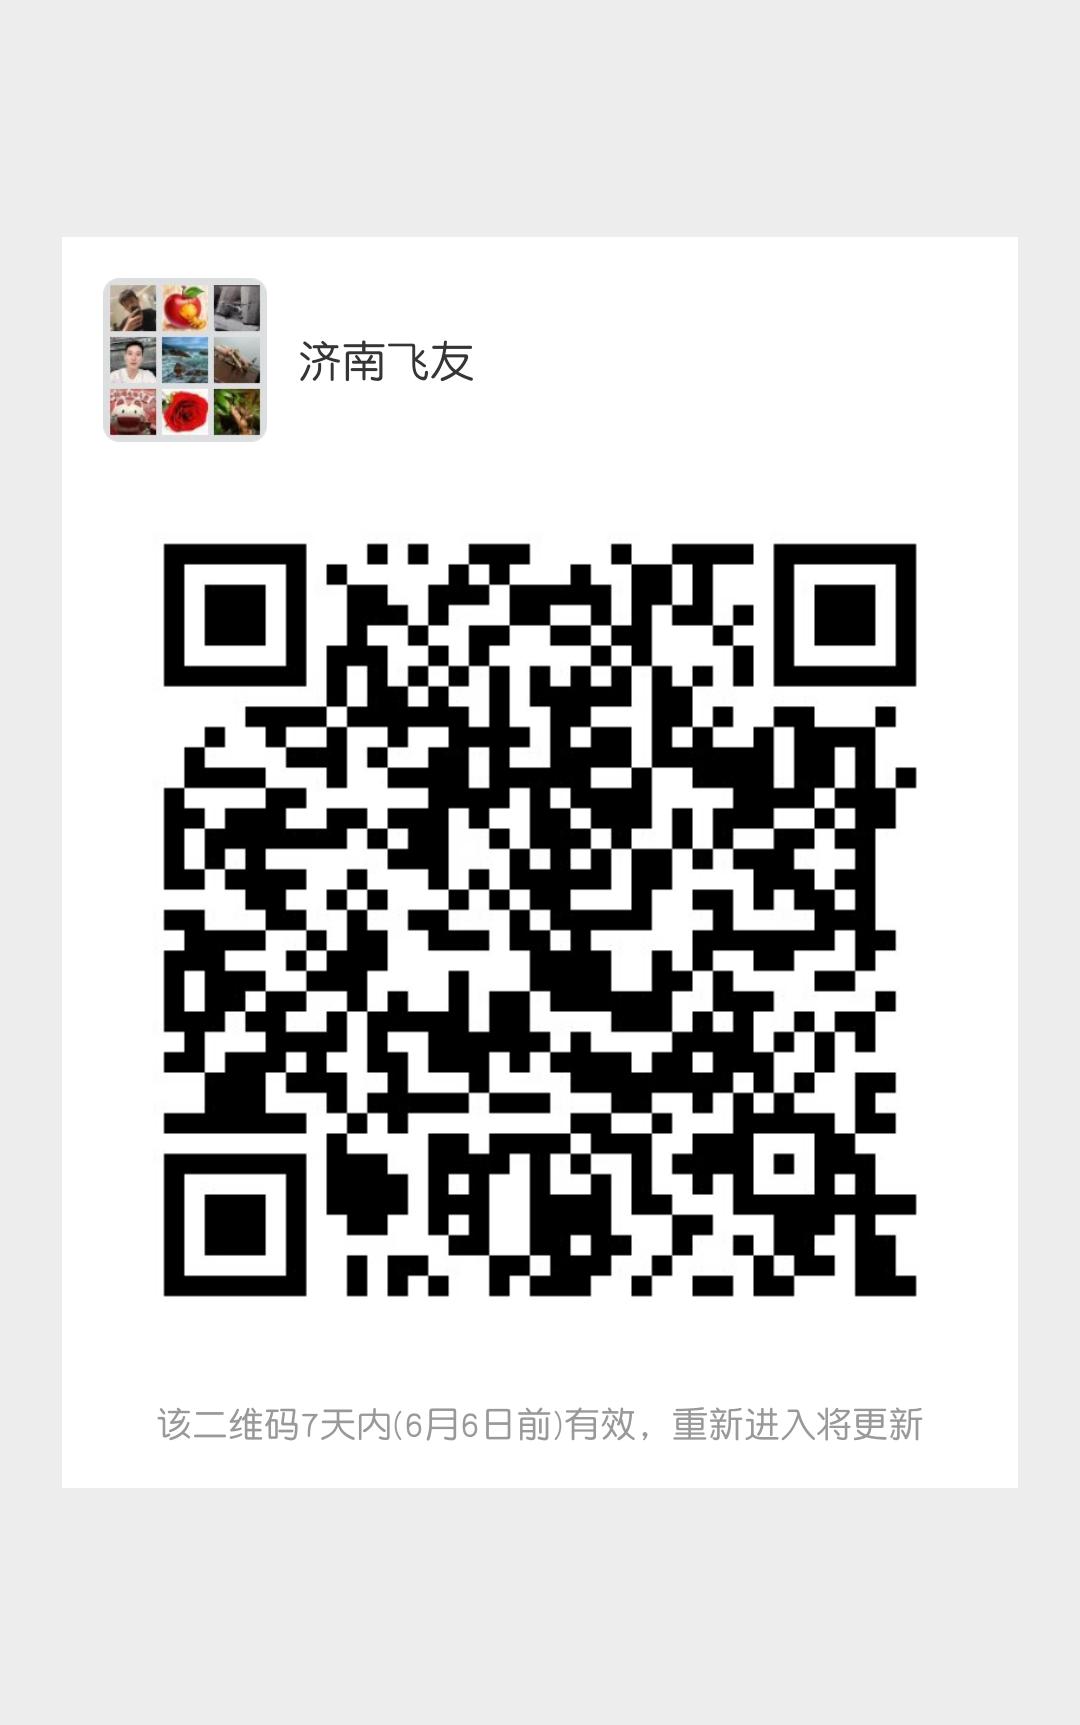 微信图片_20190530103902.png